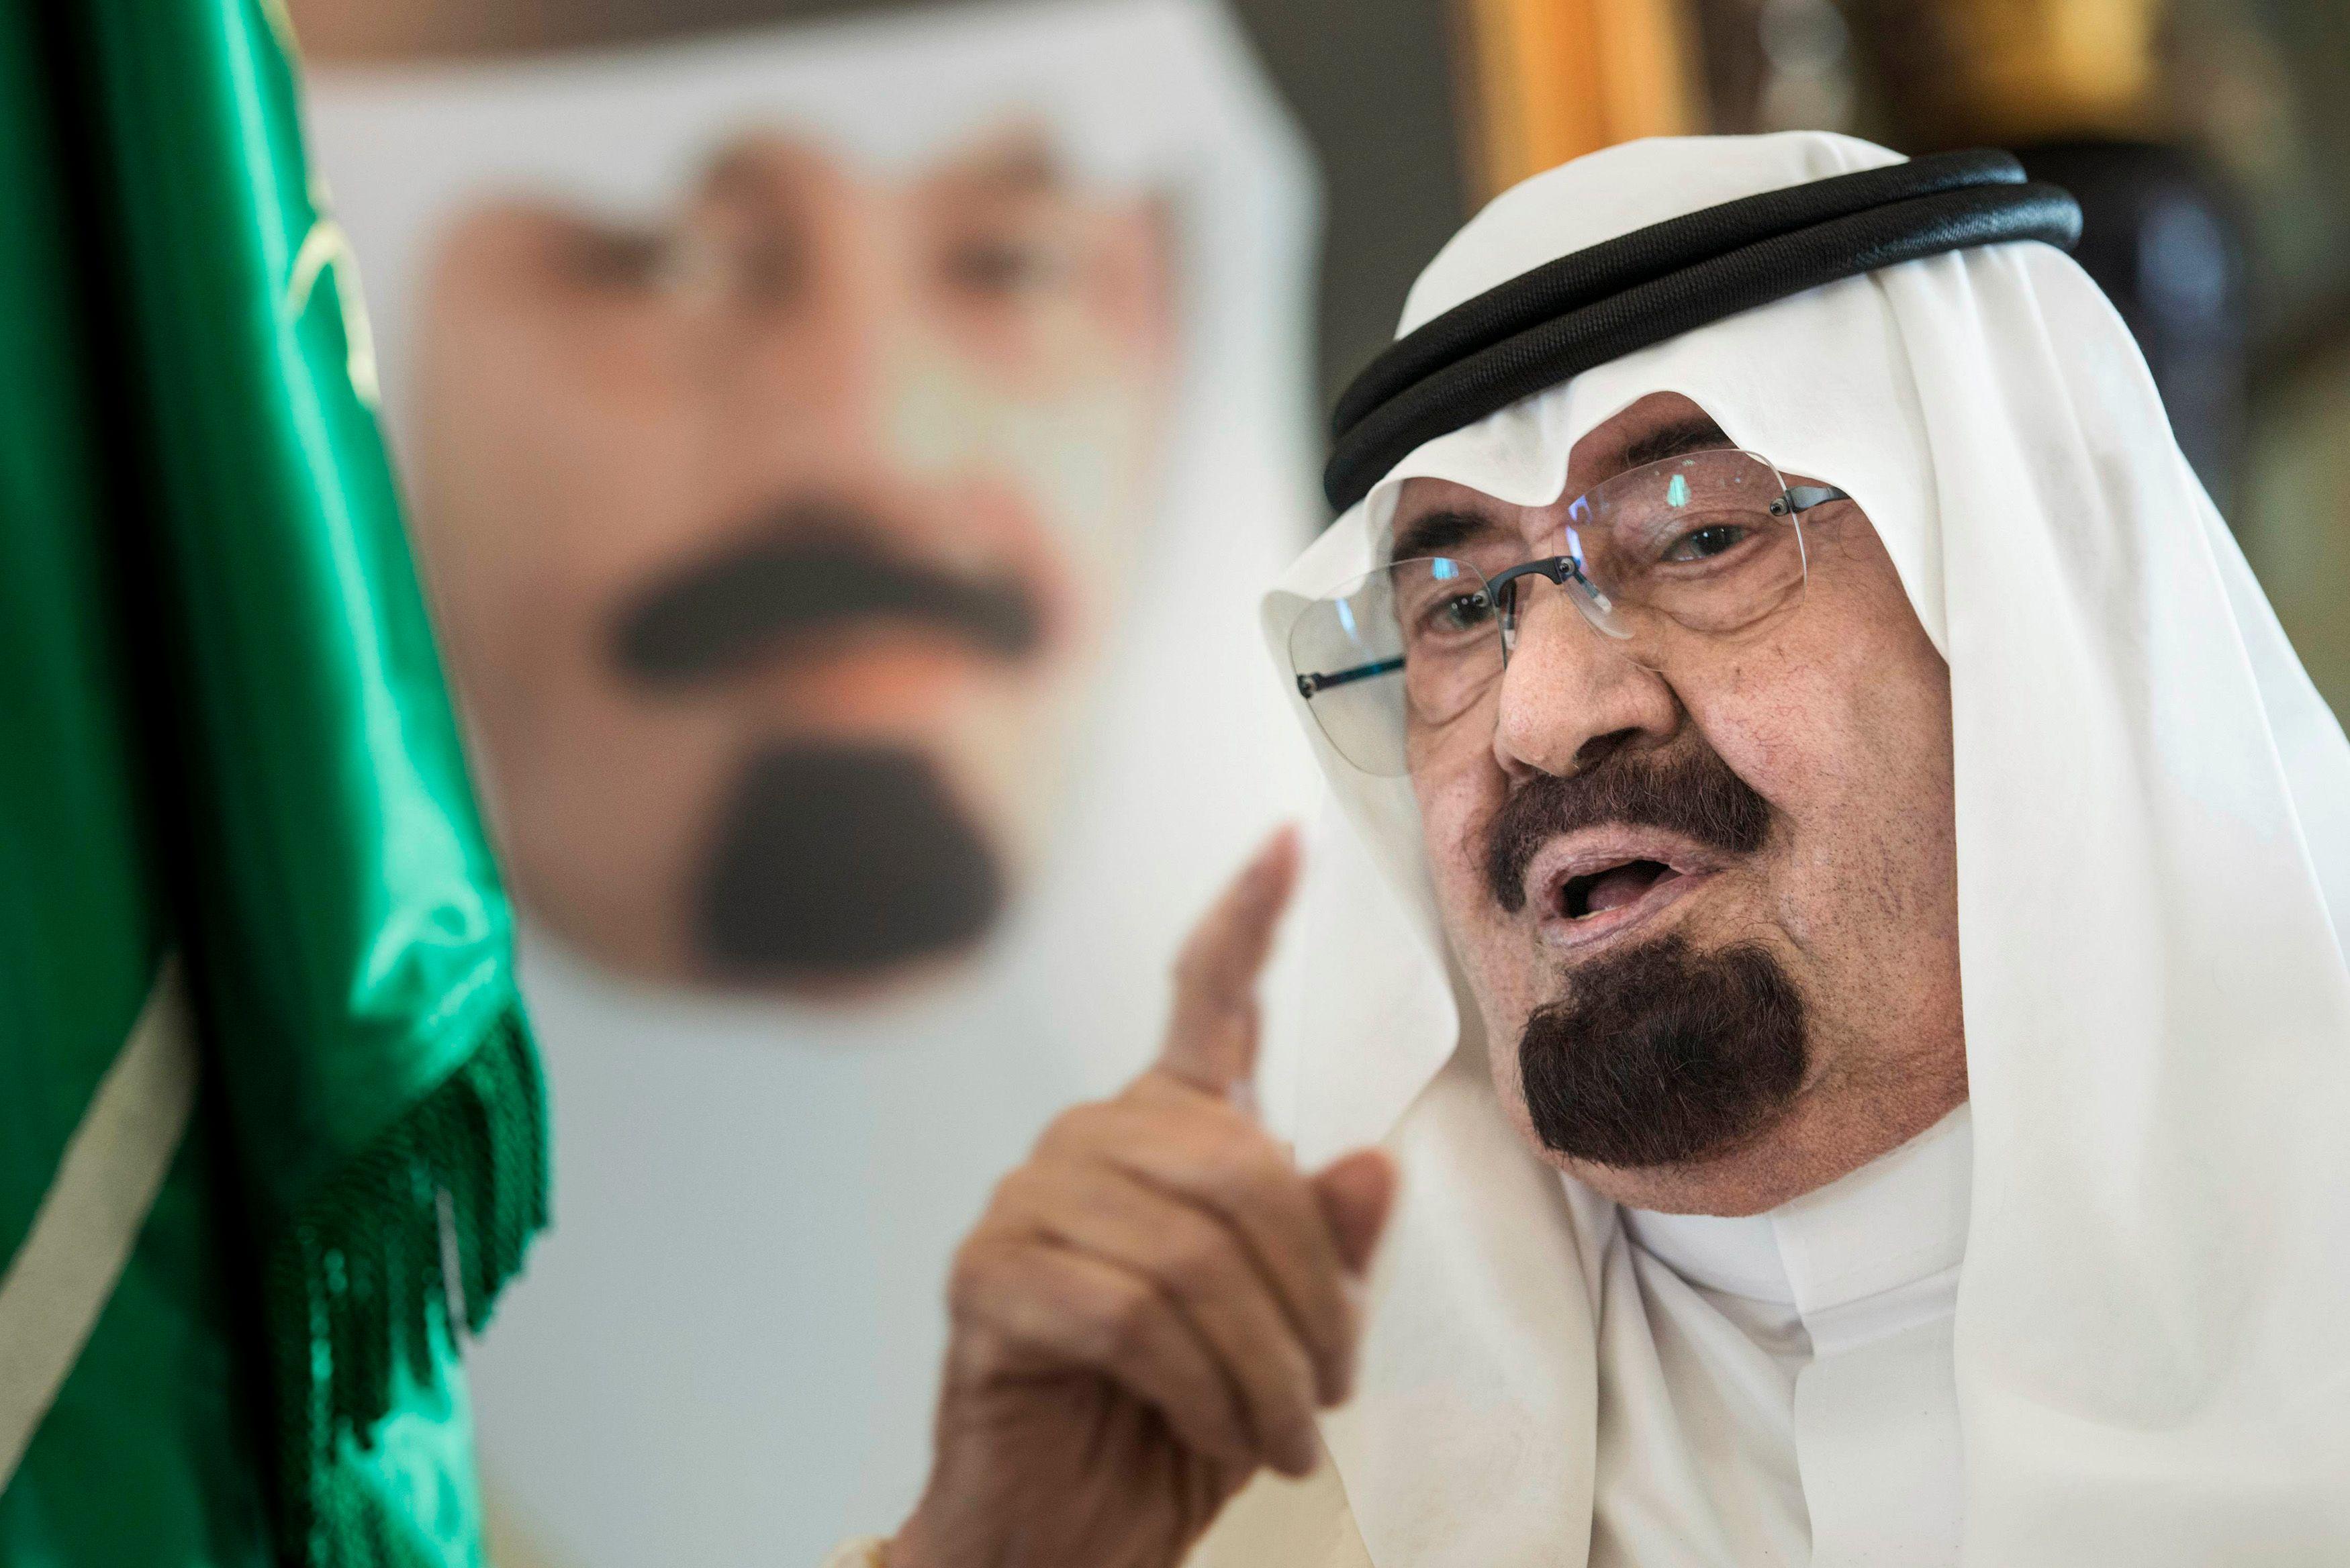 Le roi Abdallah ben Abdelaziz al-Saoud dirige le pays depuis 2005